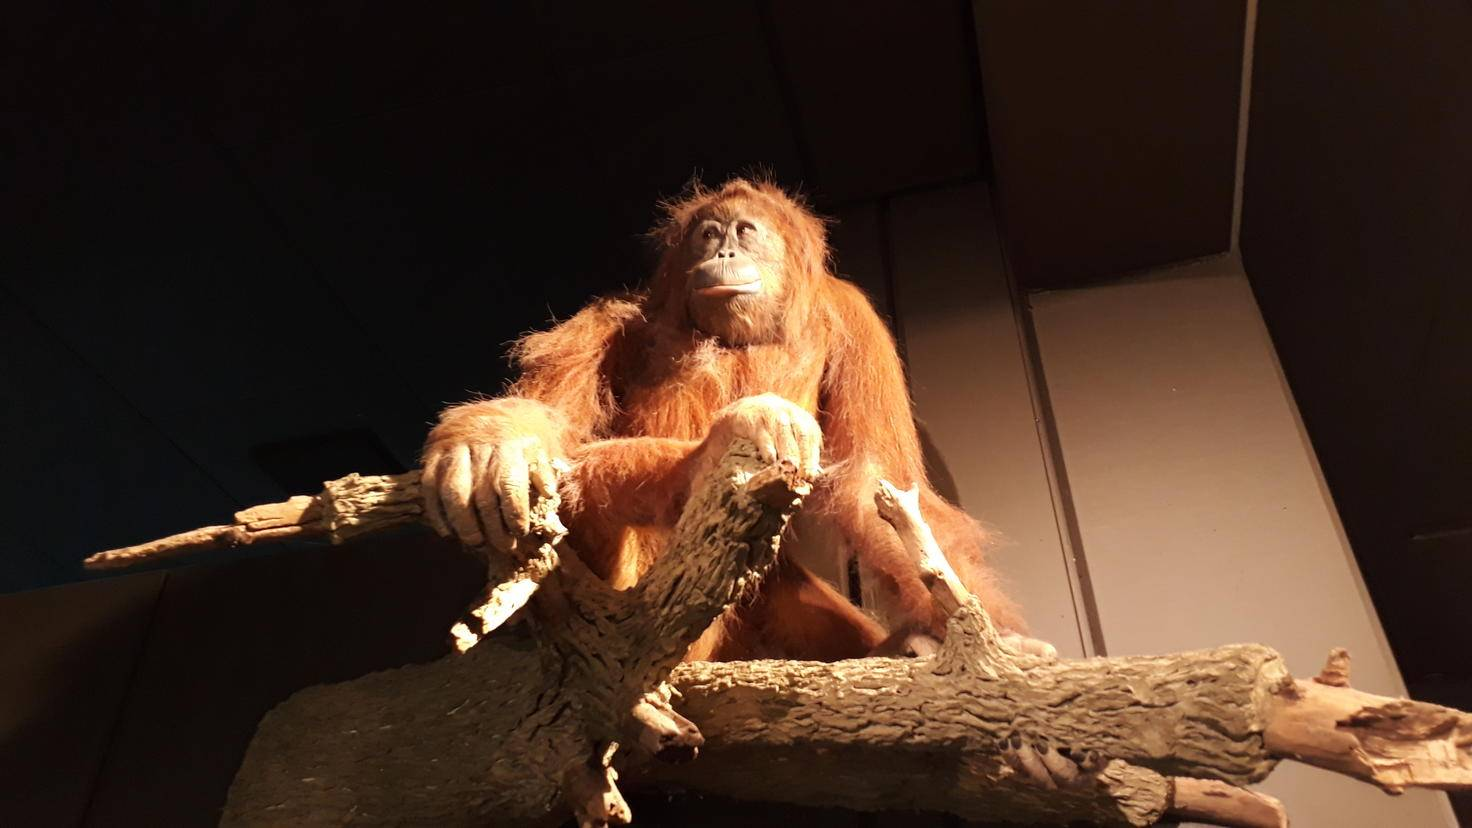 Gut ausgeleuchtete Innenaufnahmen können schön gelingen, wie dieser Orang-Utan.